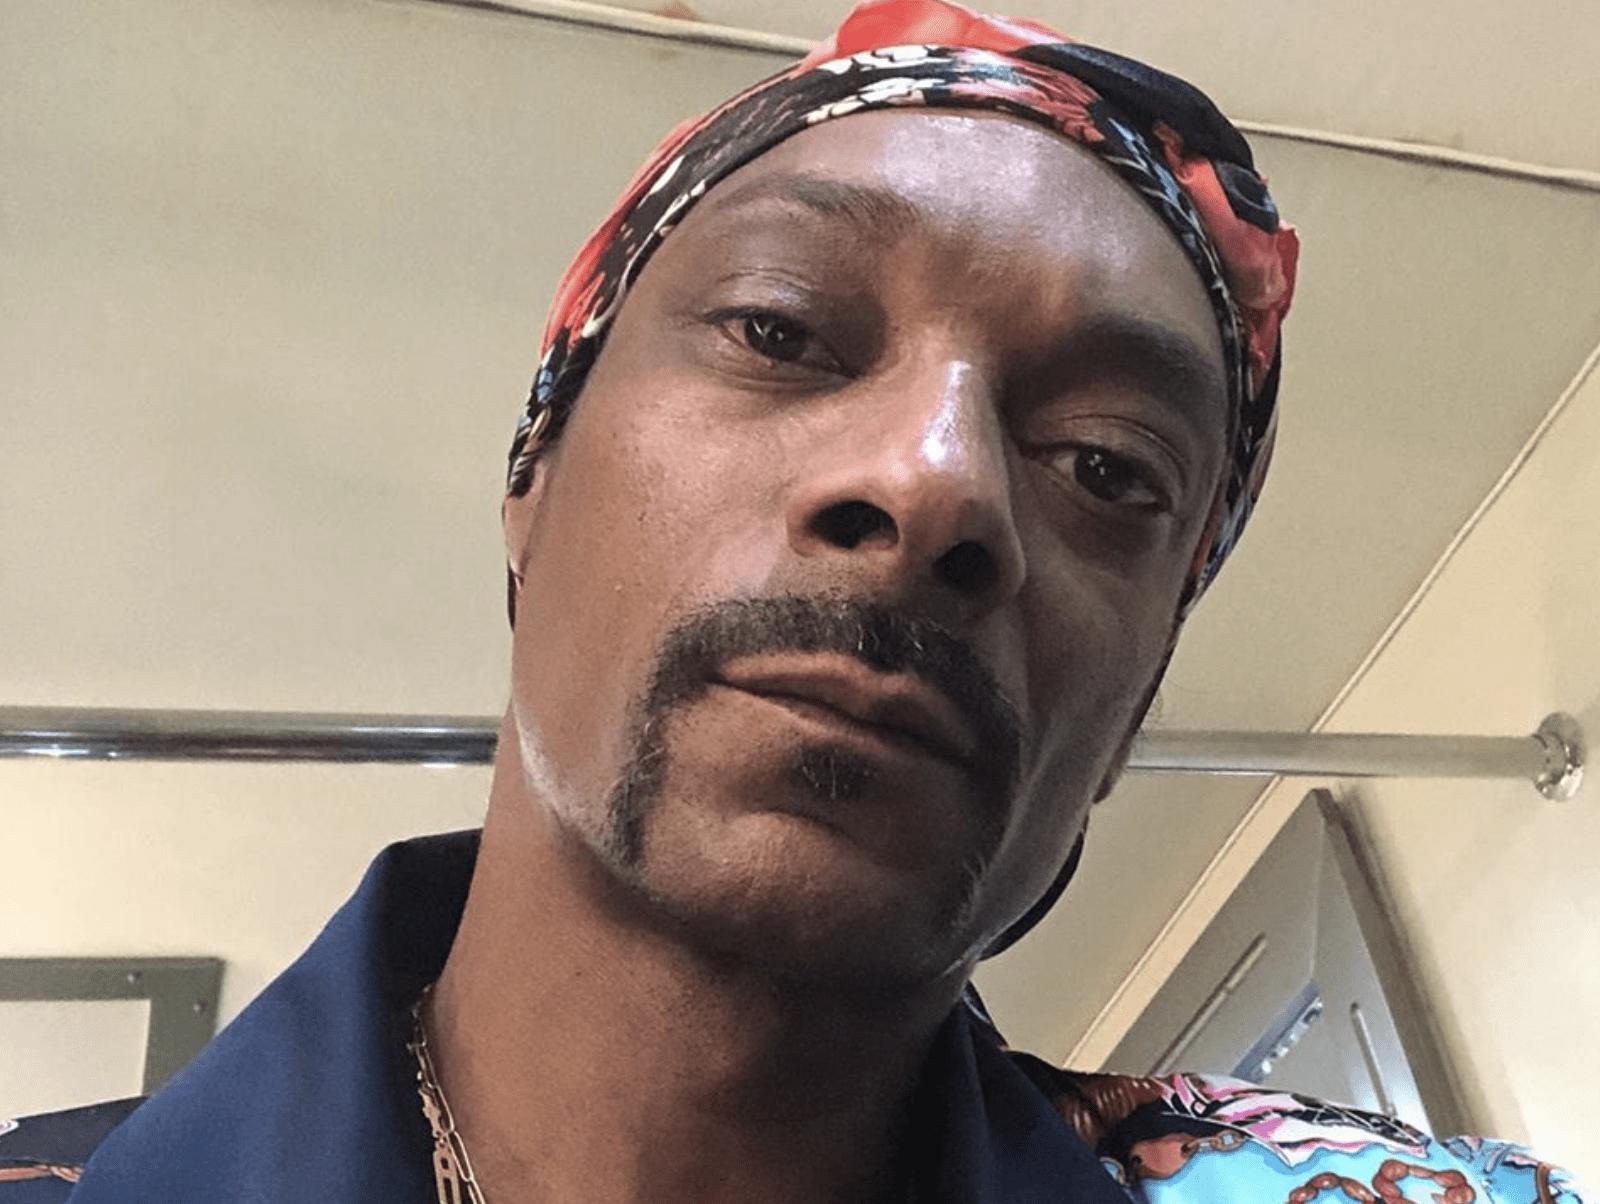 Snoop Dogg Selfie Pic Gayle King Drama